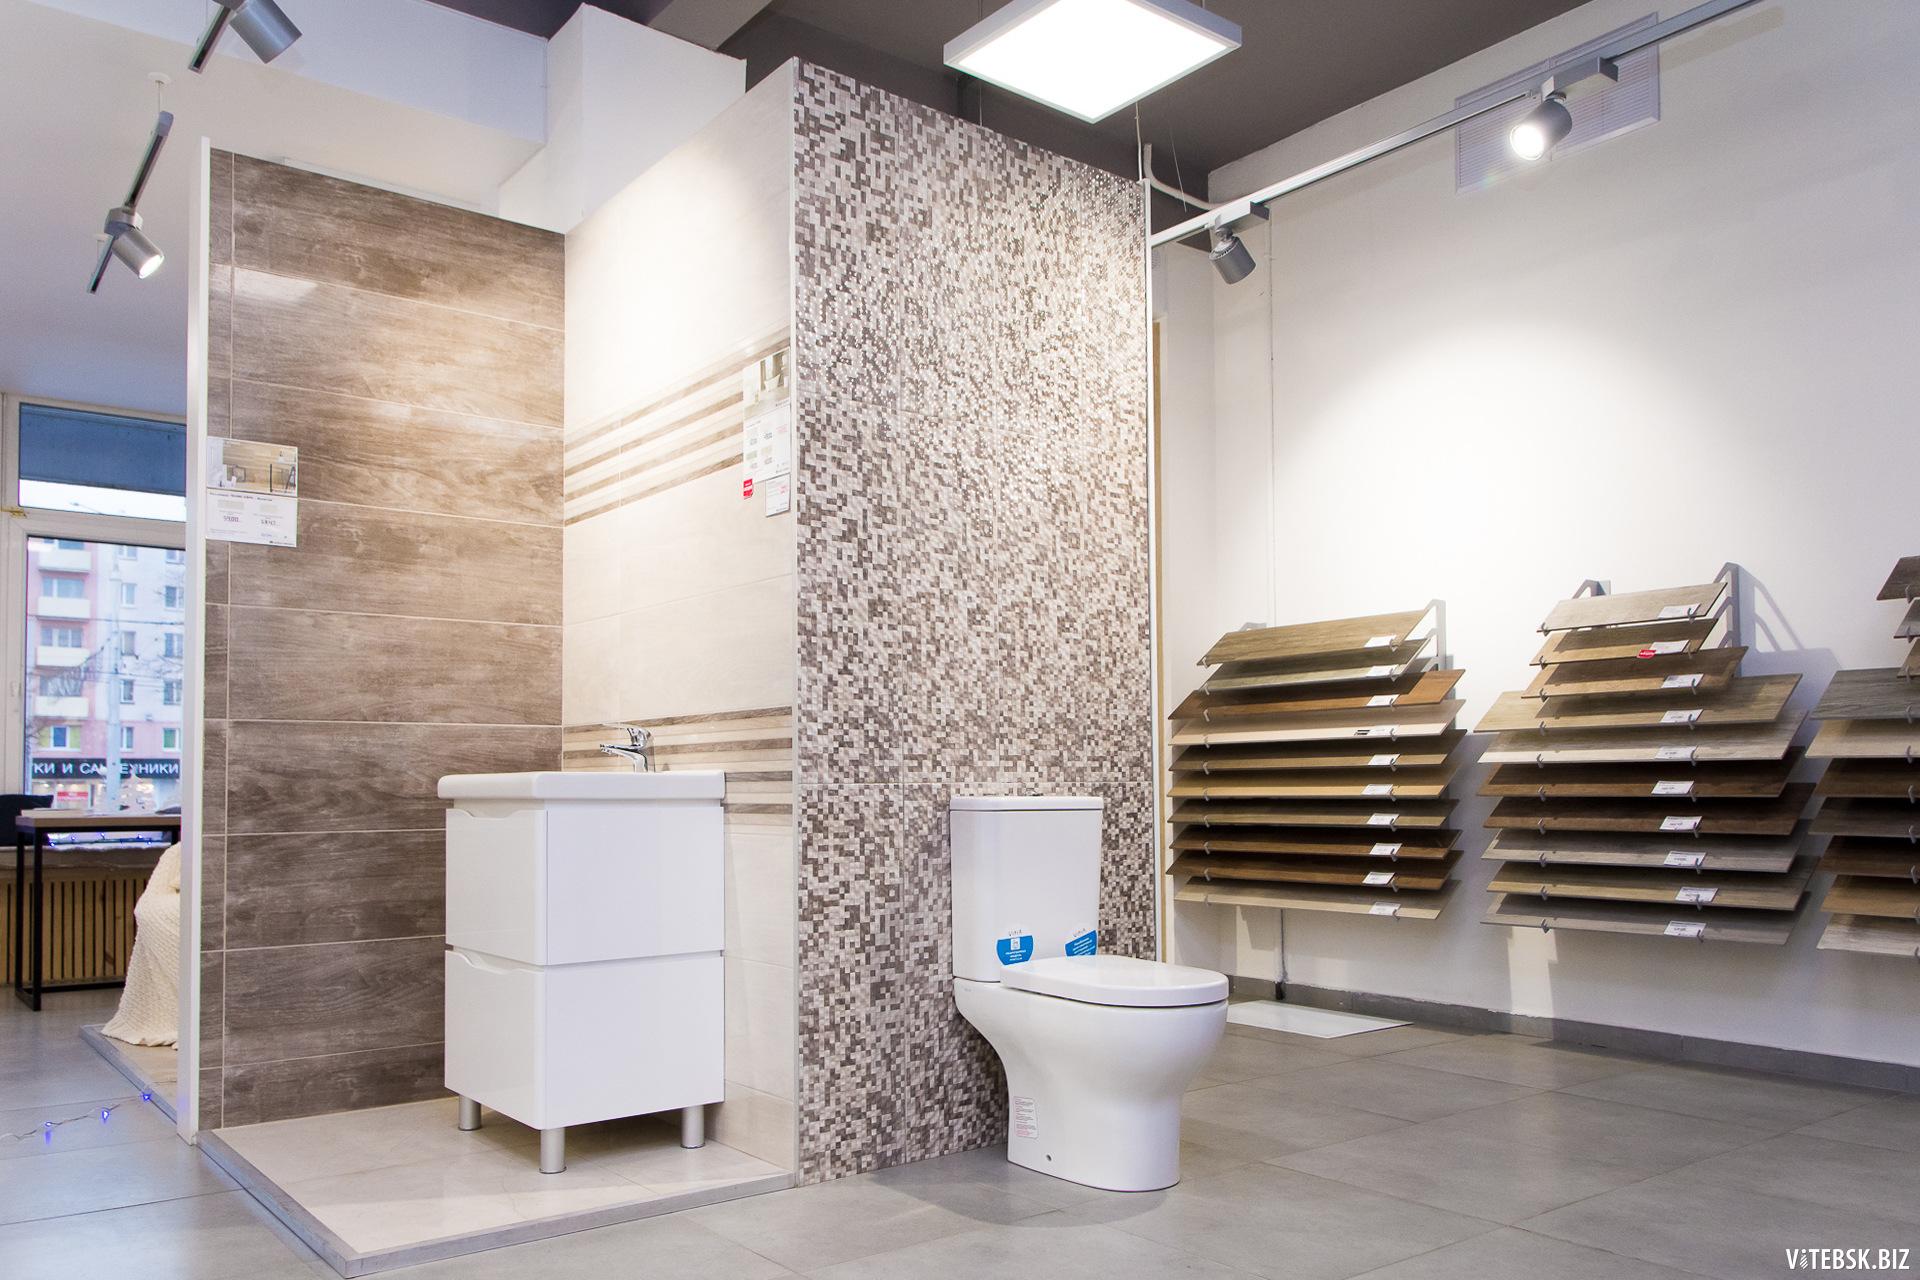 Магазин керамика и сантехника купить унитаз марки roca